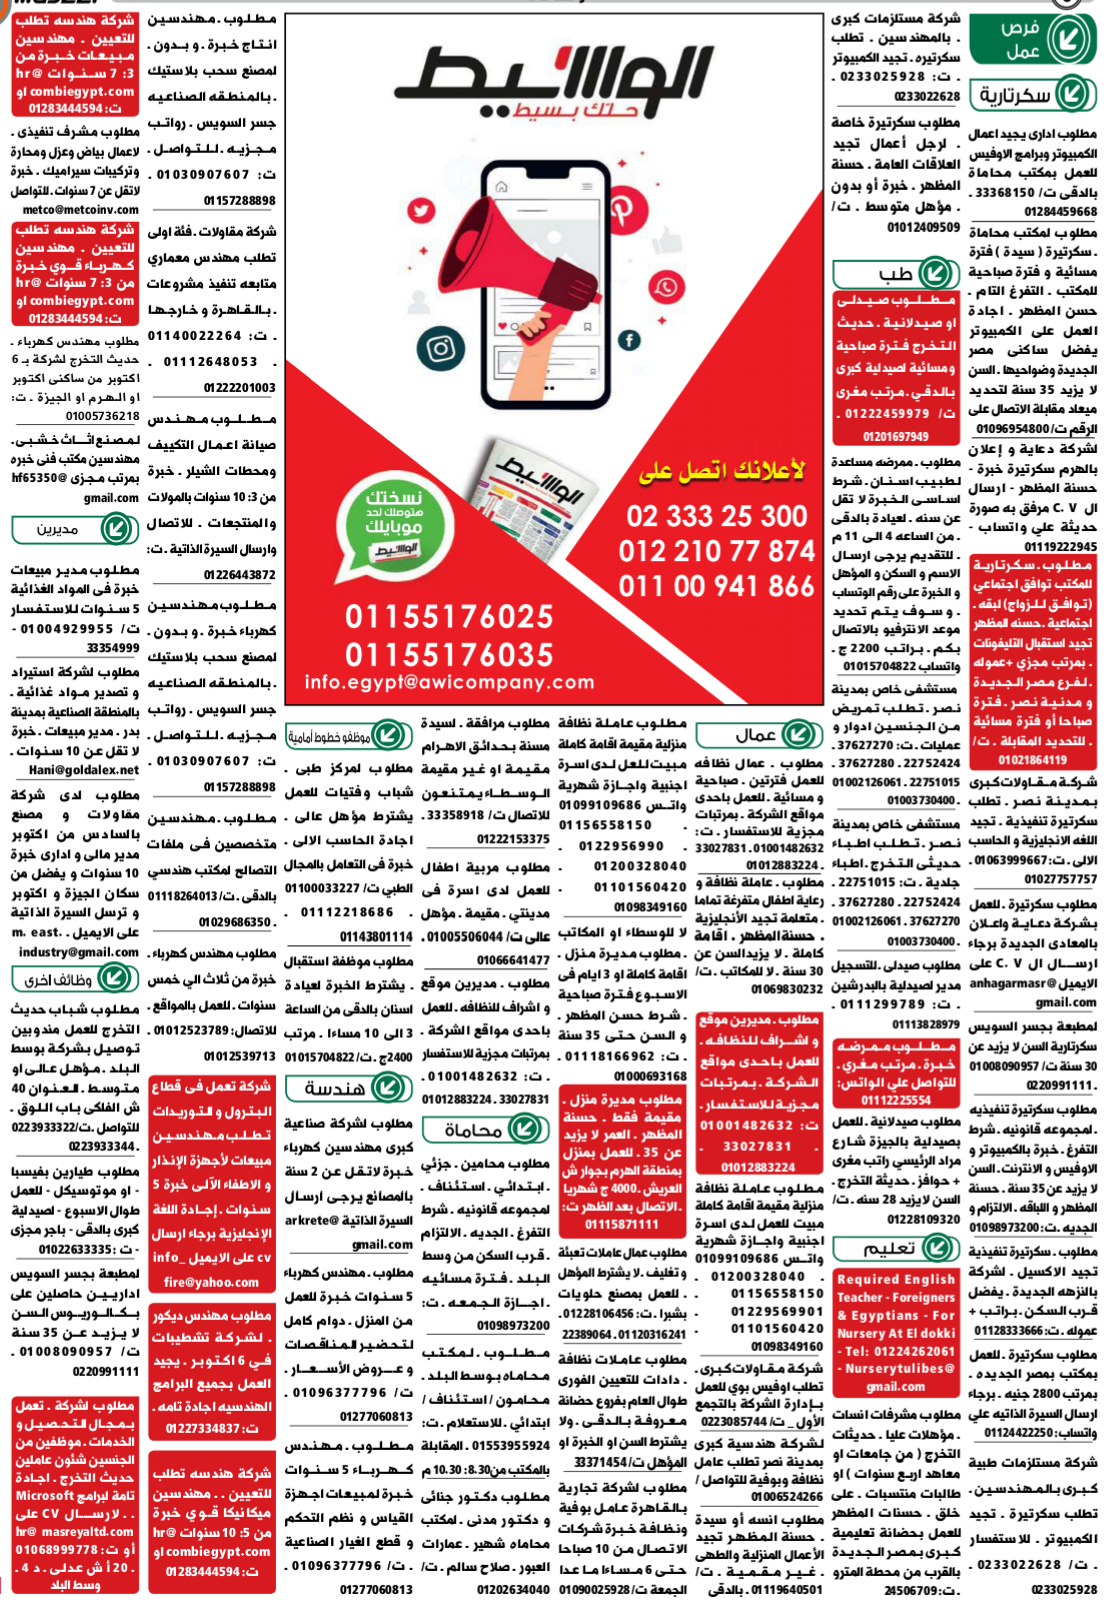 اعلانات وظائف الوسيط pdf الجمعة 6/11/2020 1